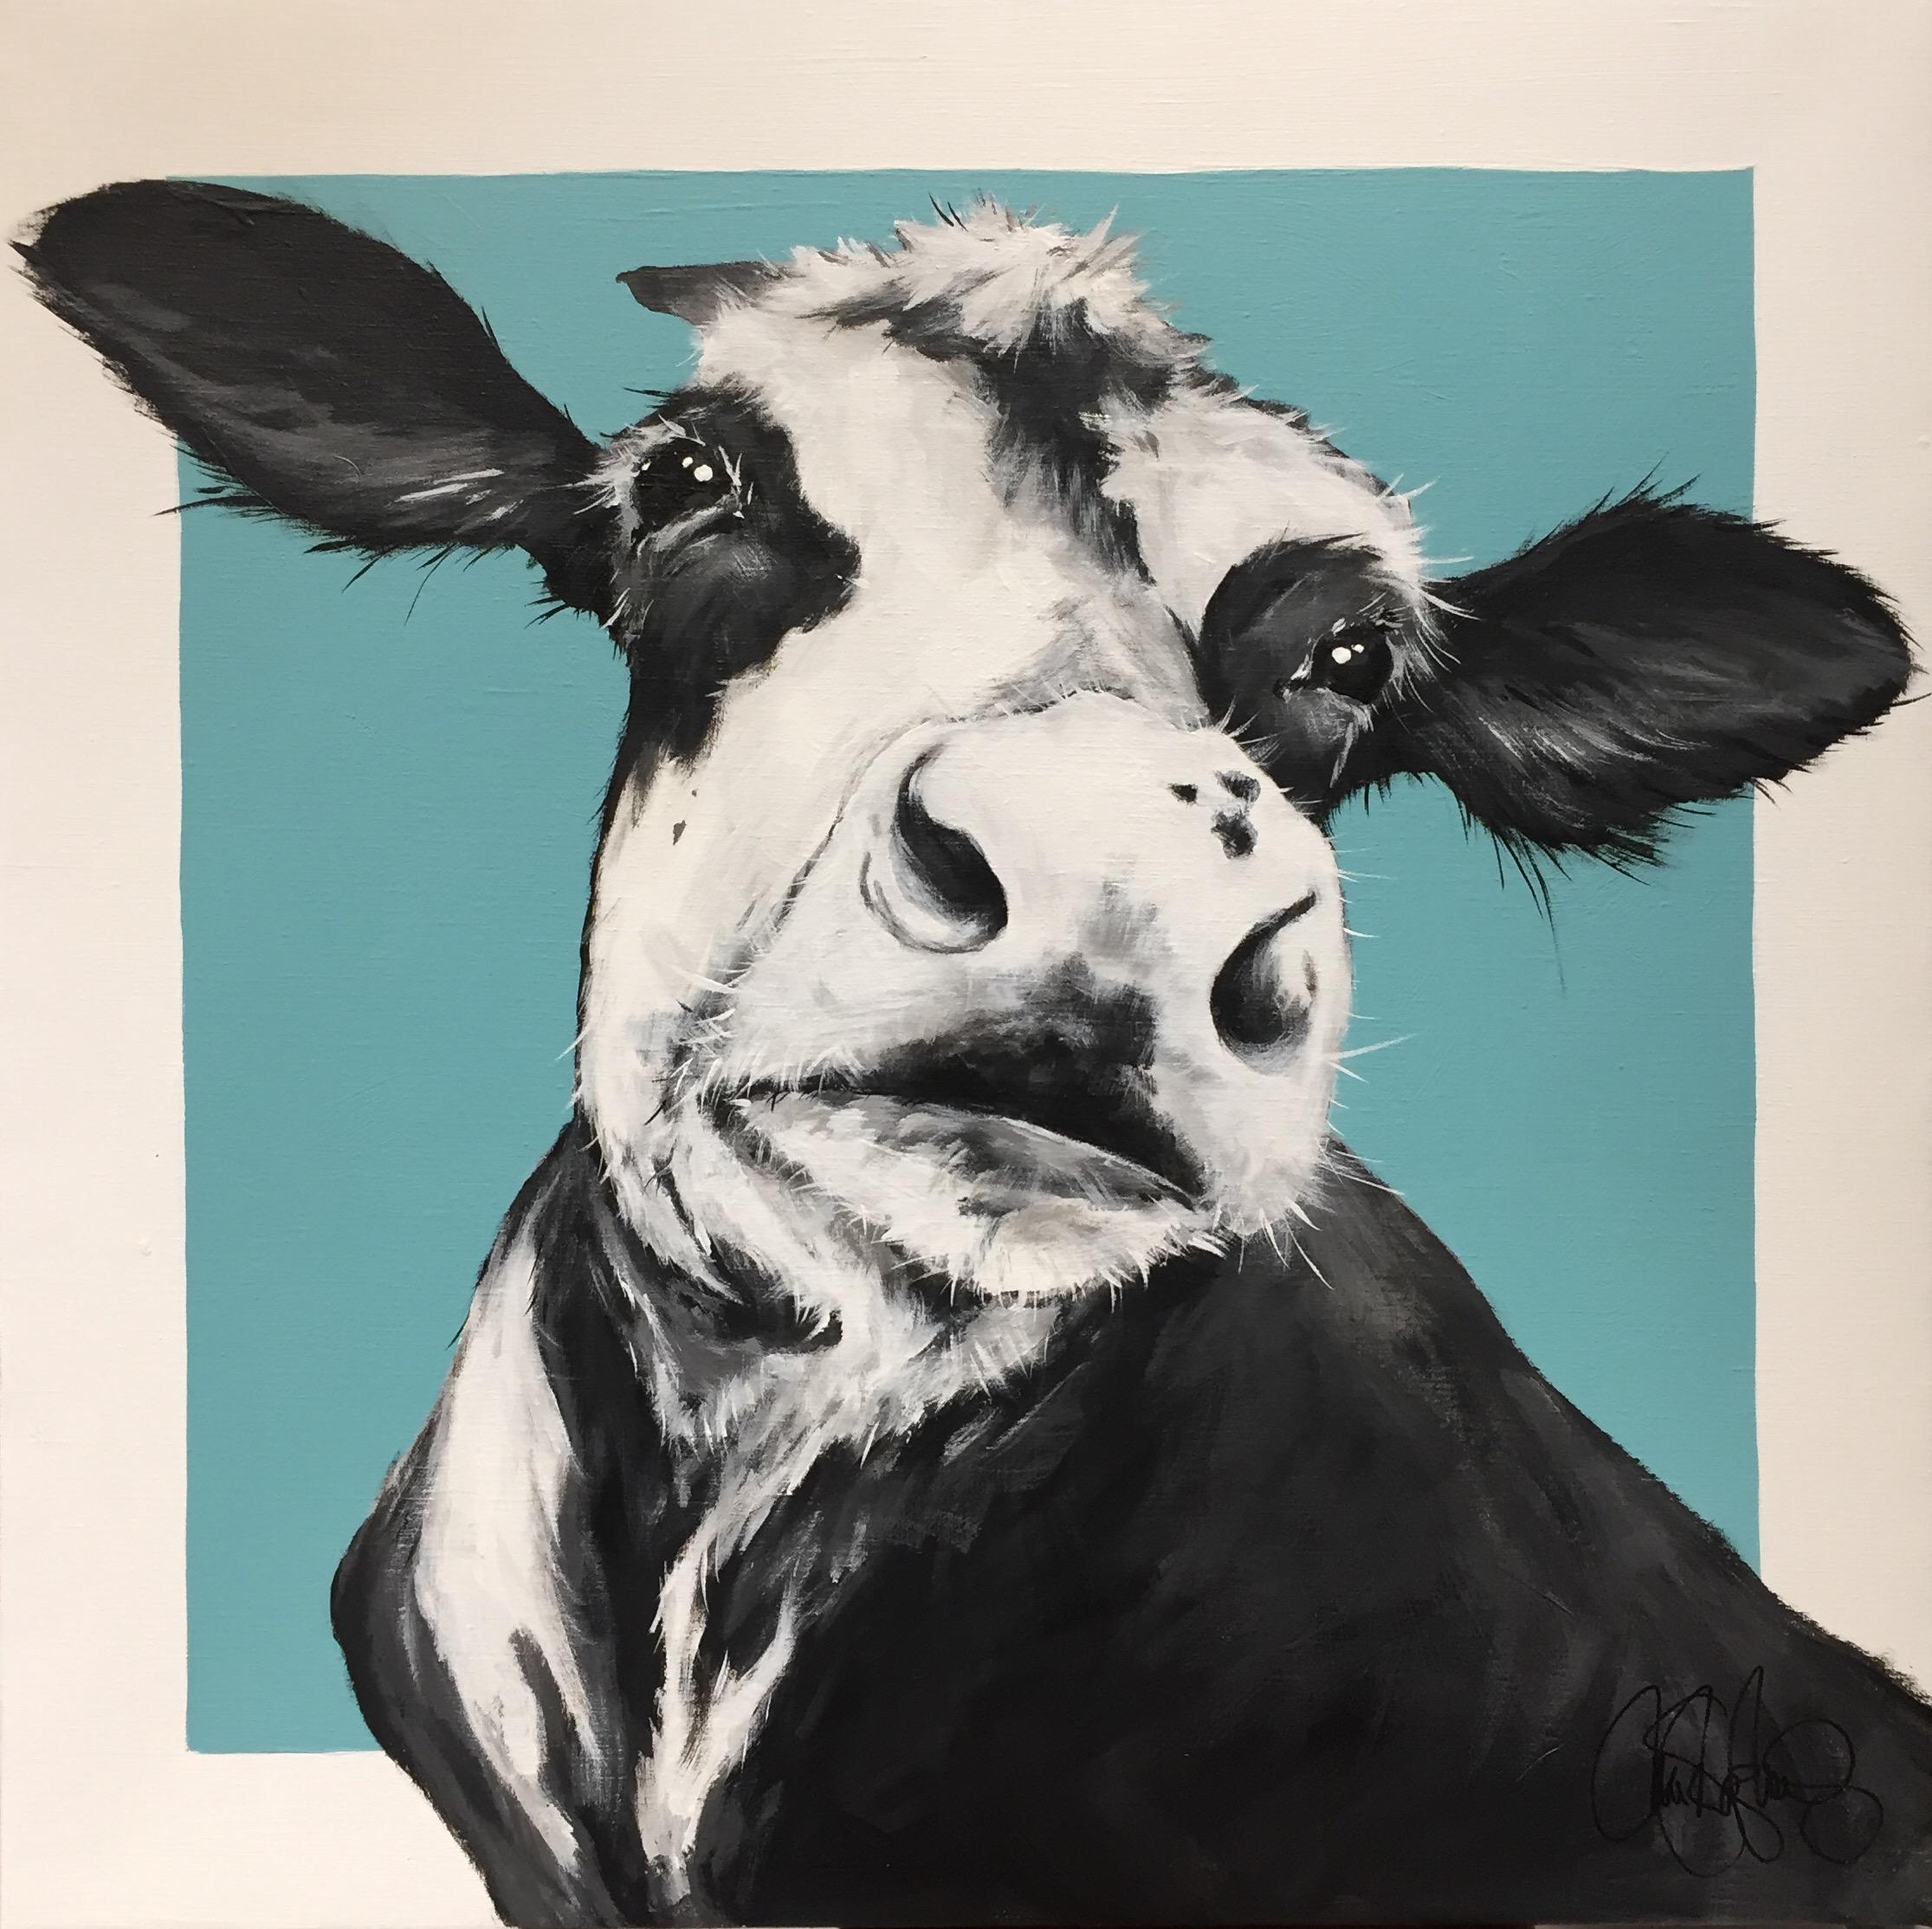 Akrylmålning i original. 70x70cm. Till salu för 4900sek